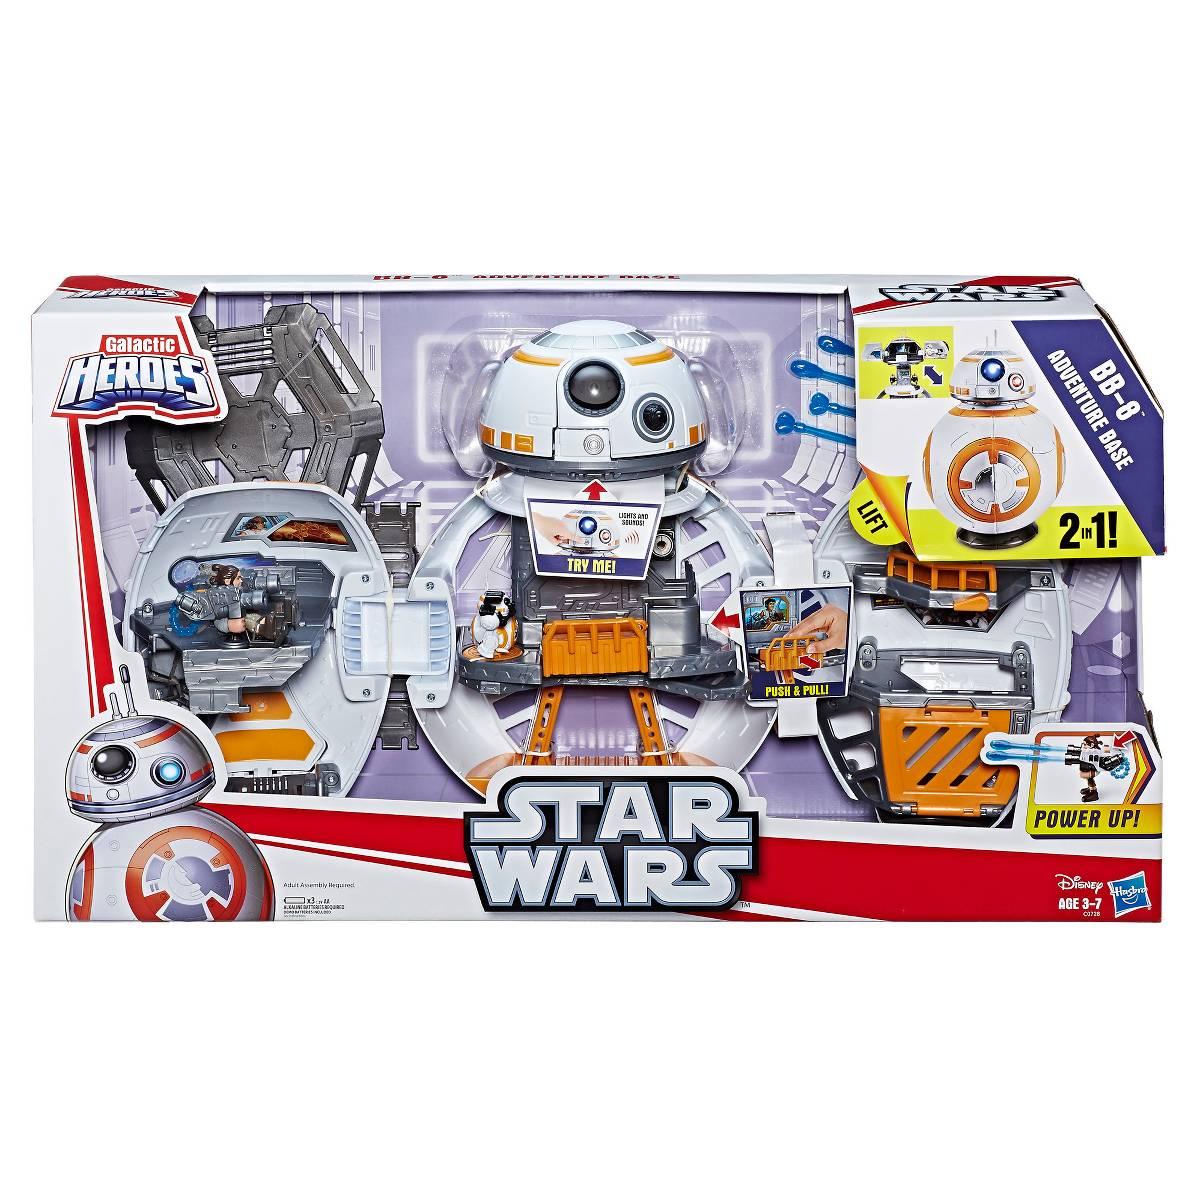 Playskool Heroes Star Wars Galactic Heroes BB-8 Adventure Base Target.com $36.99